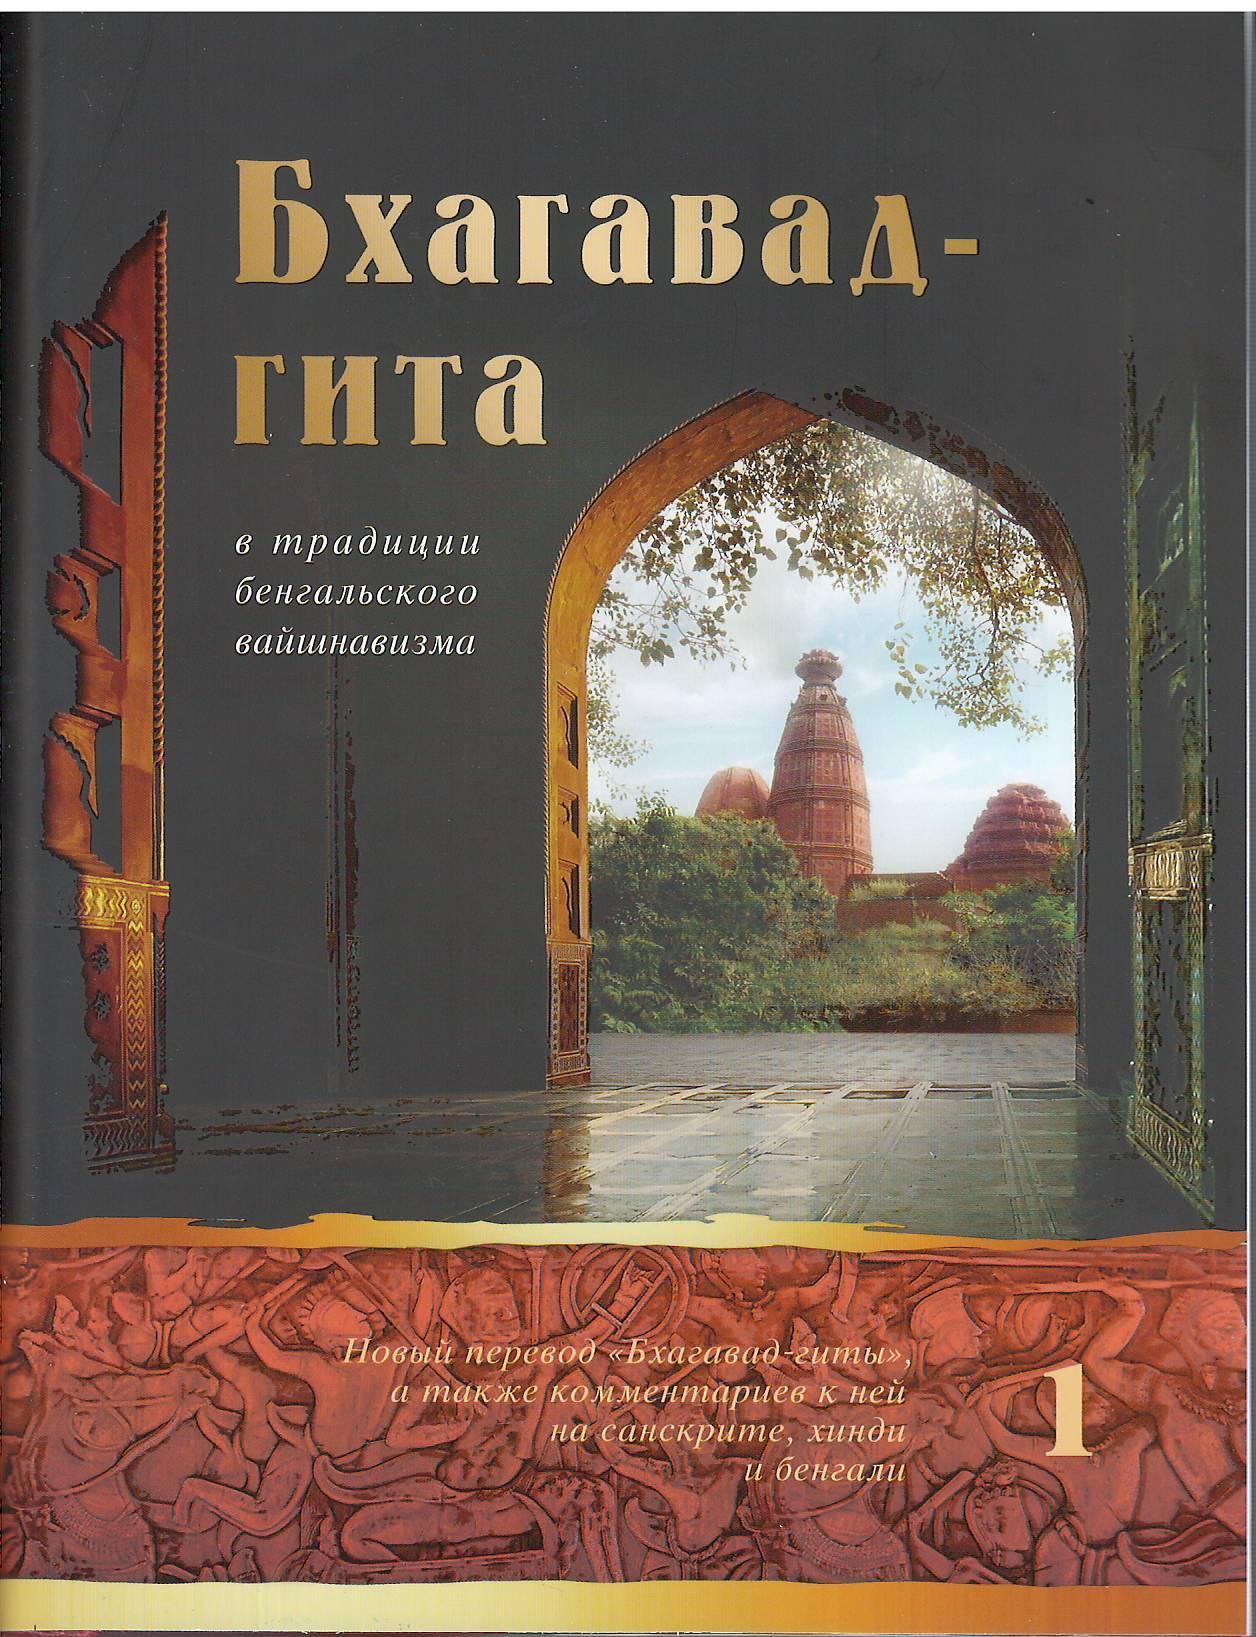 Бхагавад-гита в традиции бенгальского вайшнавизма: в 3-х томах. Том 1 (гл.1-6)